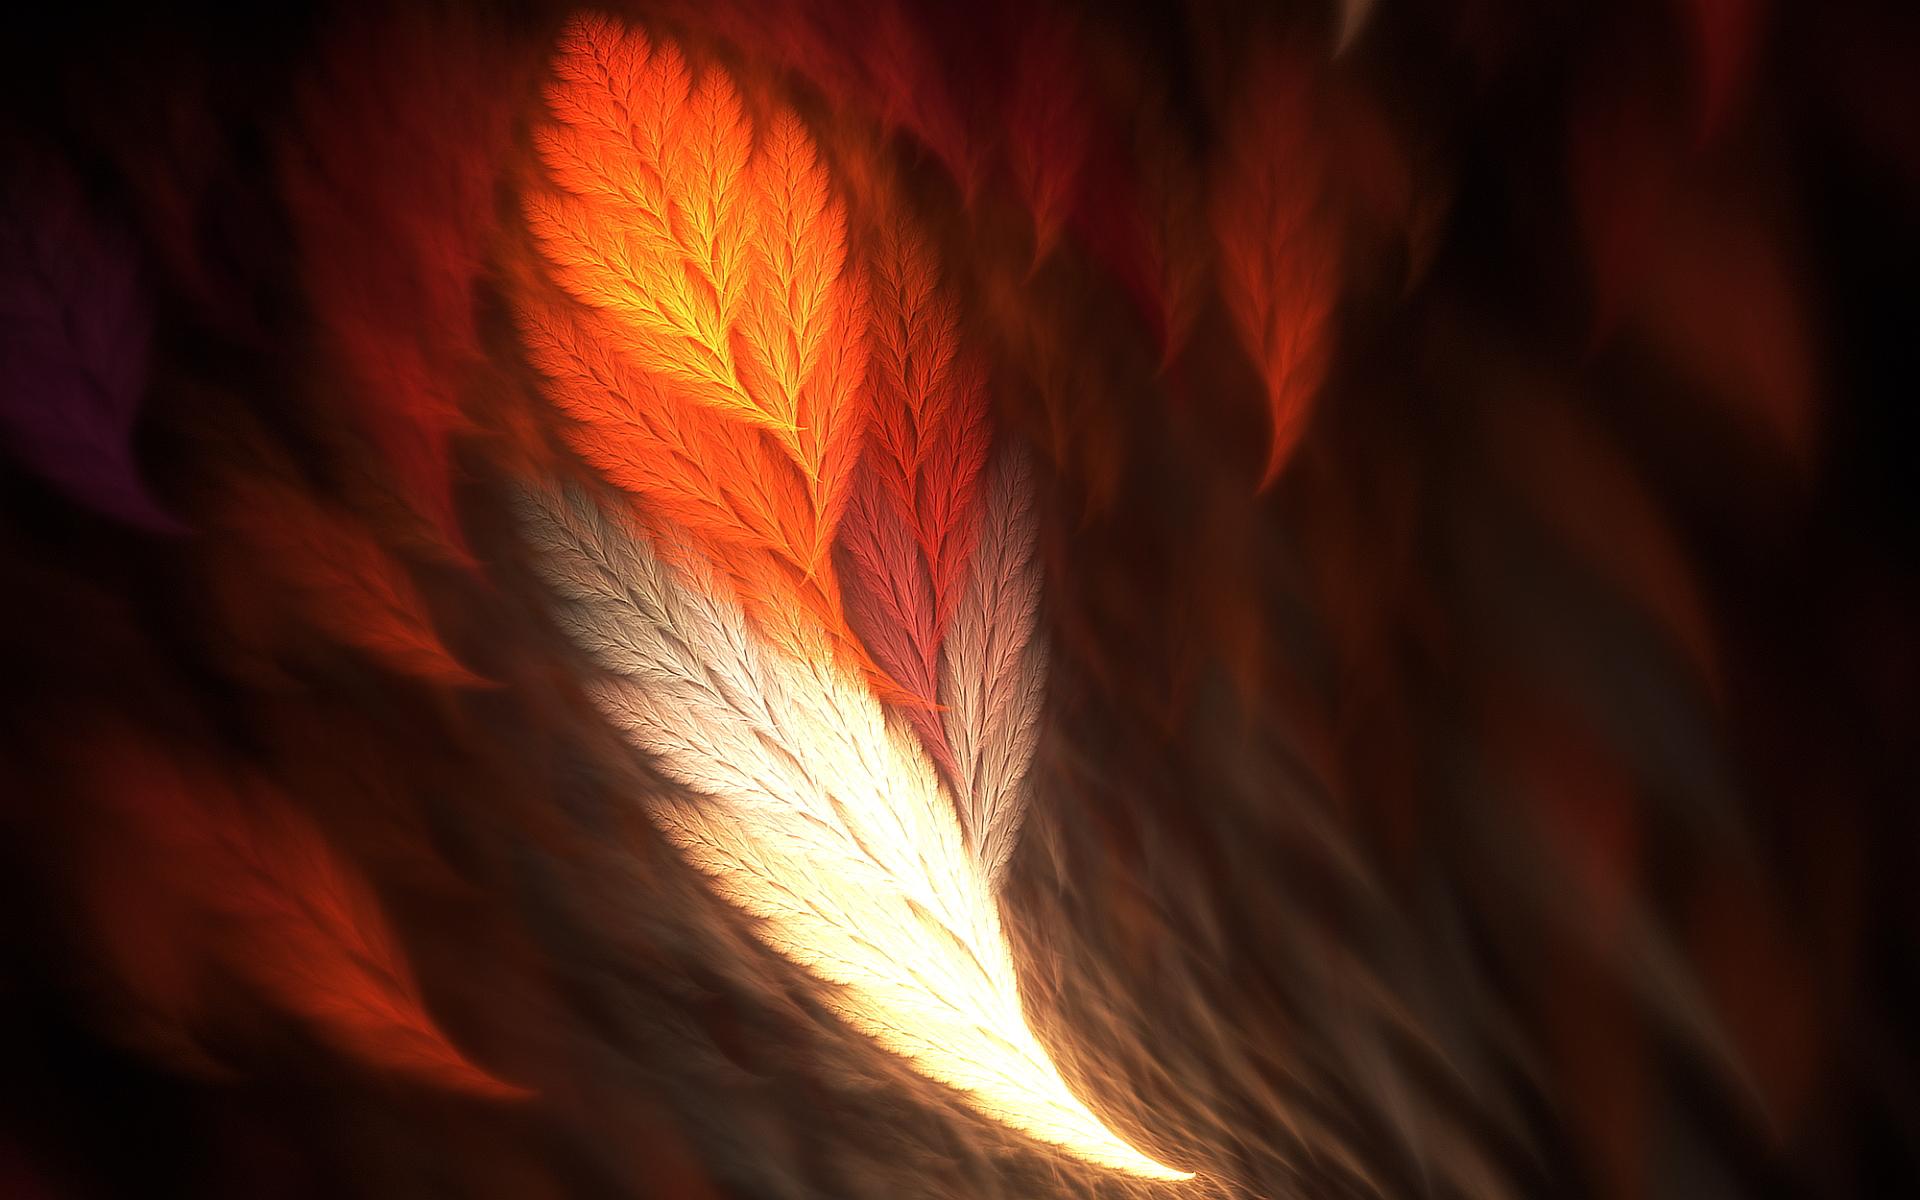 Phoenix feather 7019258 1920x1200